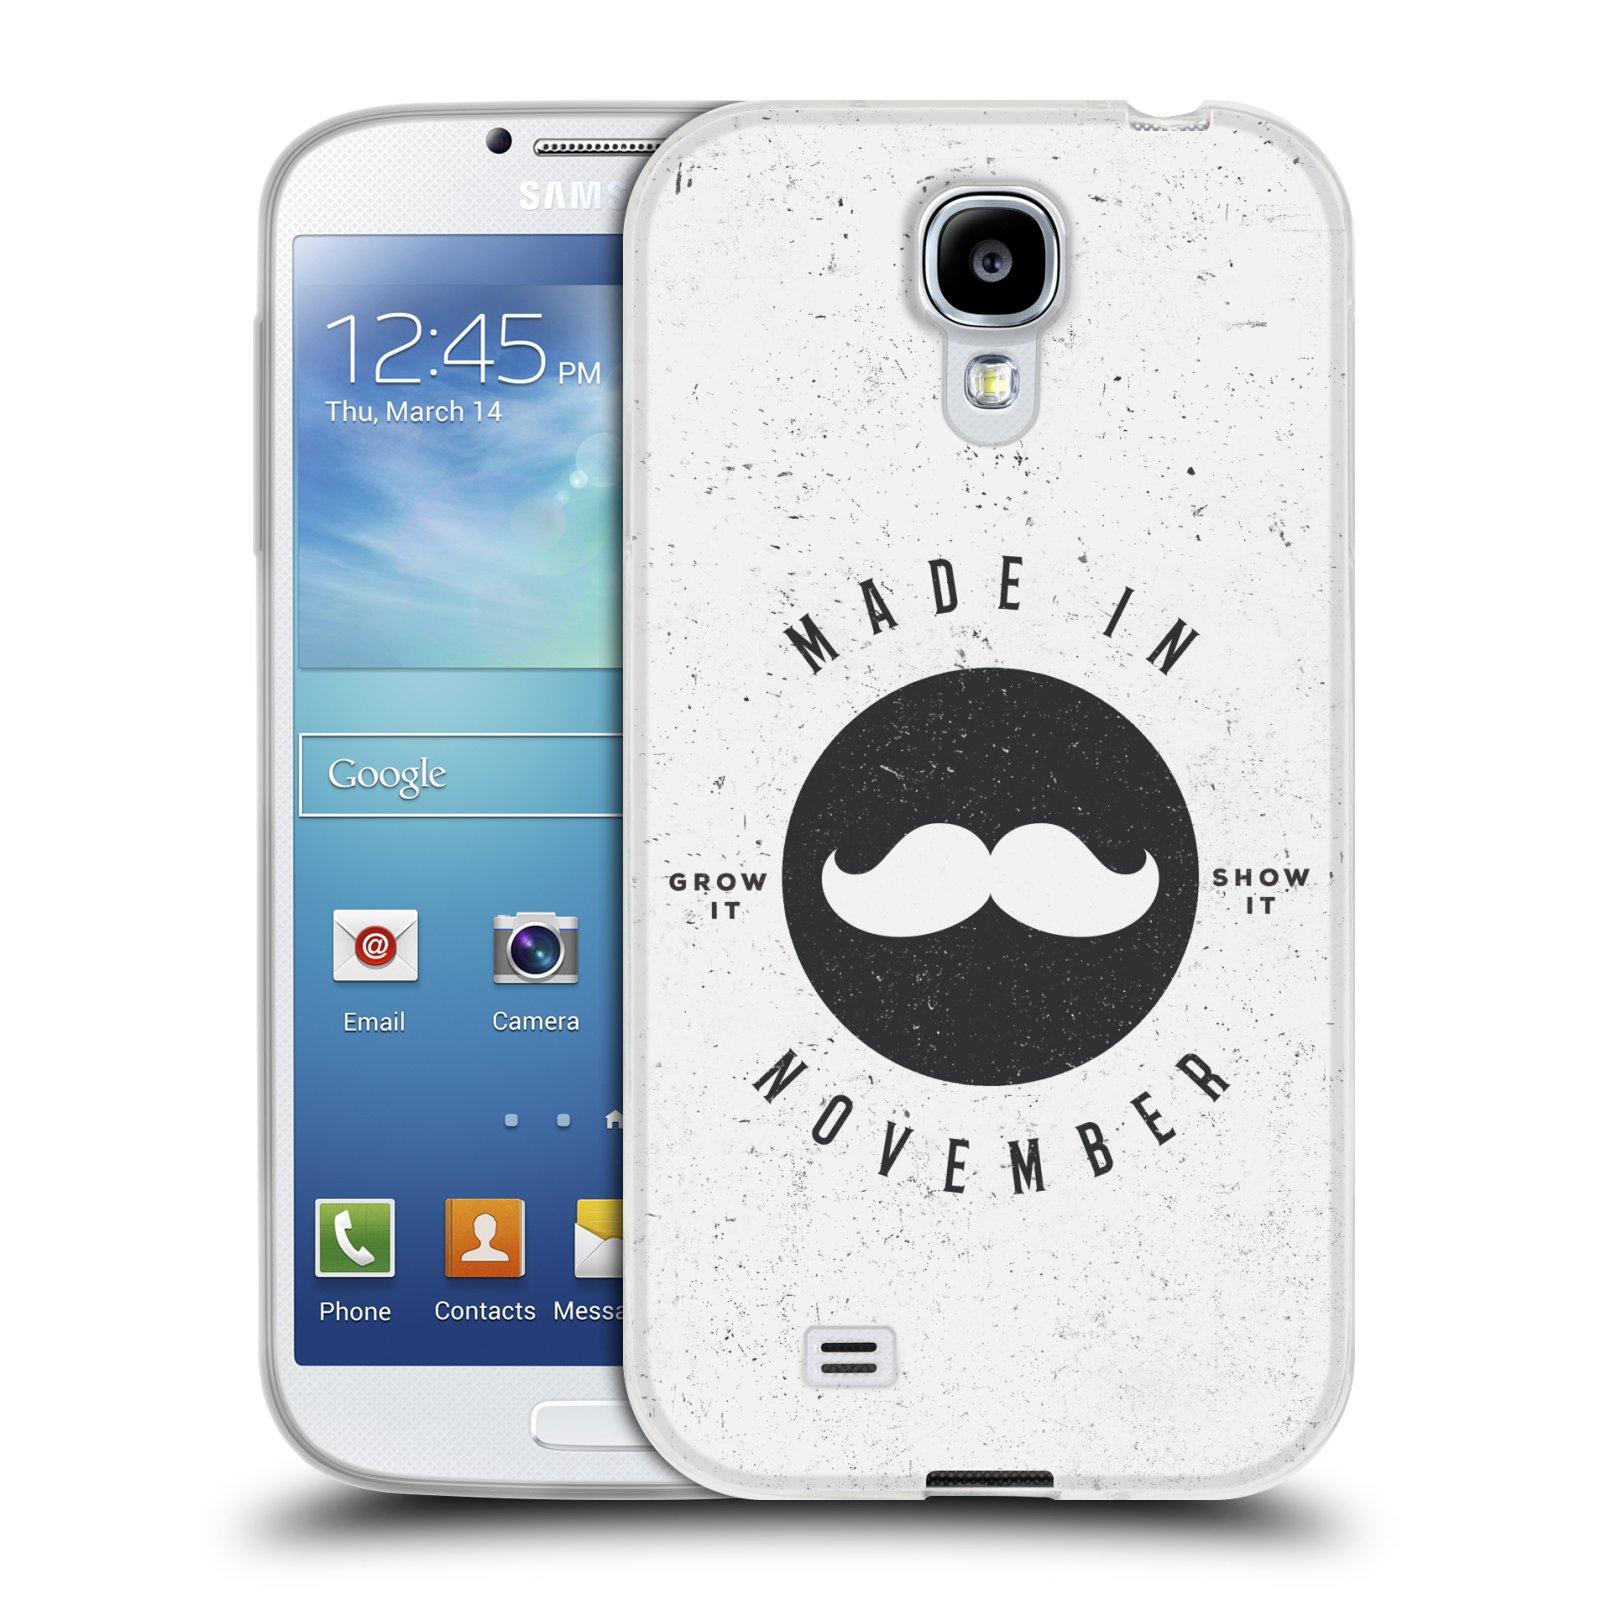 Silikonové pouzdro na mobil Samsung Galaxy S4 HEAD CASE KNÍR MADE IN NOVEMBER (Silikonový kryt či obal na mobilní telefon Samsung Galaxy S4 GT-i9505 / i9500)